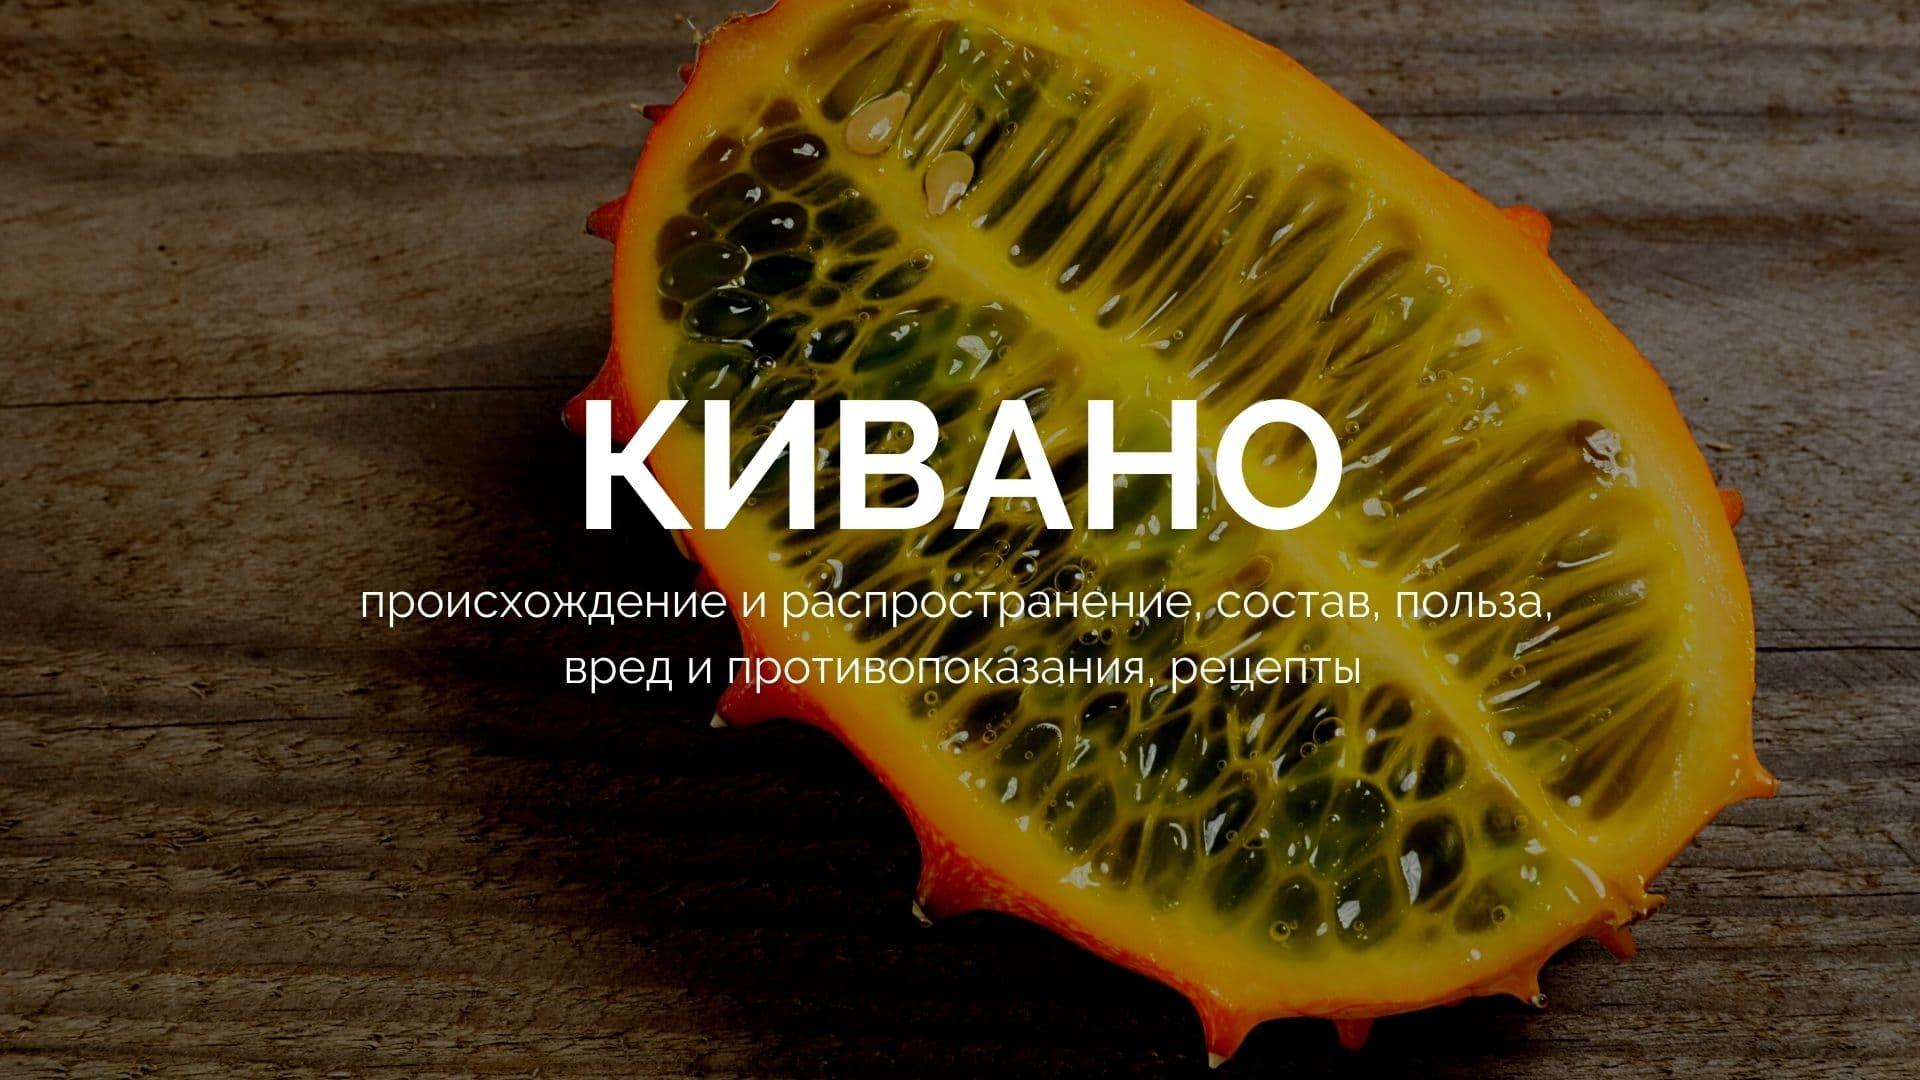 Кивано: происхождение и распространение, состав, польза, вред и противопоказания, рецепты